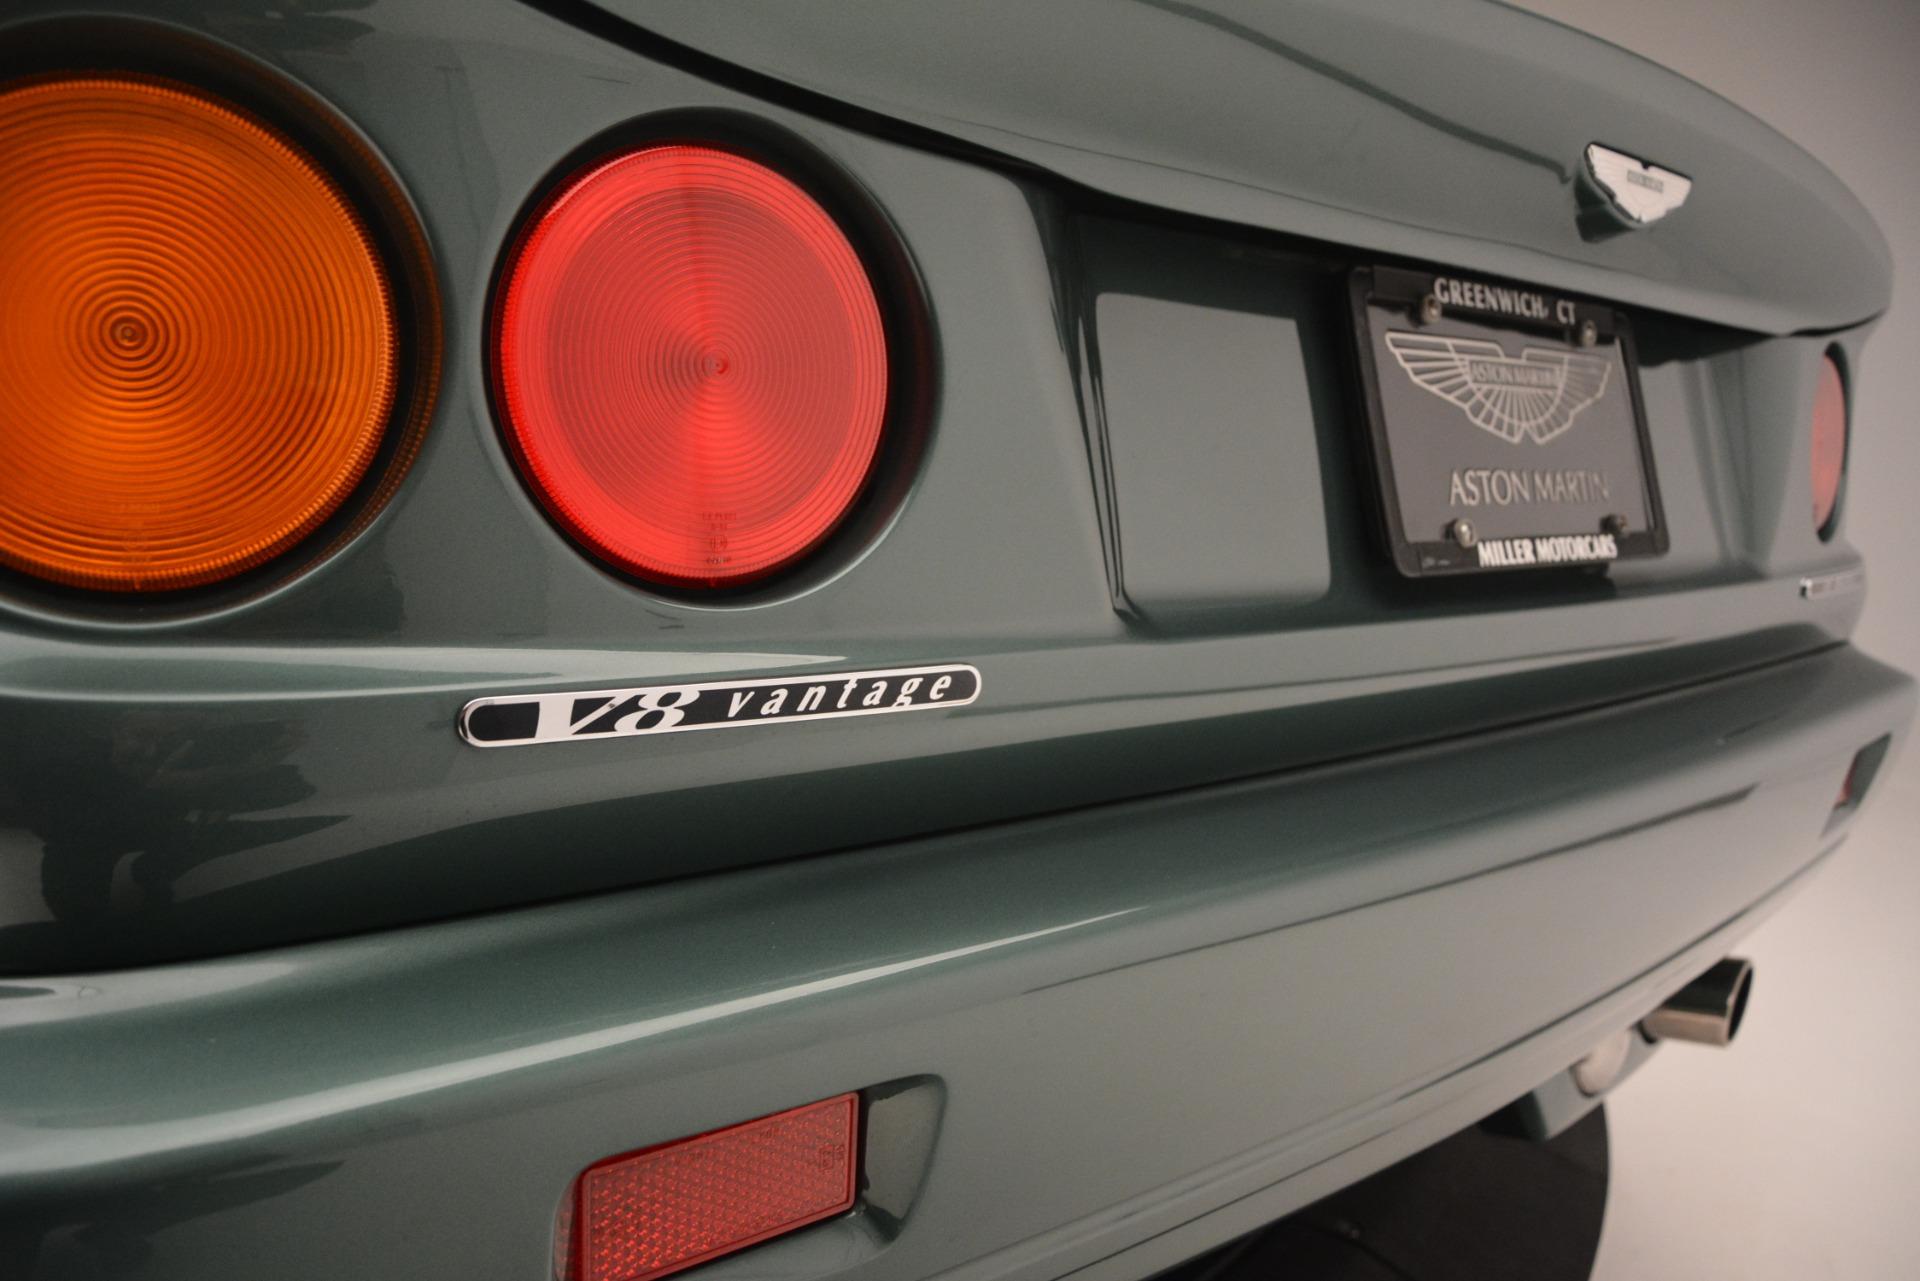 Used 1999 Aston Martin V8 Vantage Le Mans V600  For Sale In Westport, CT 2789_p40